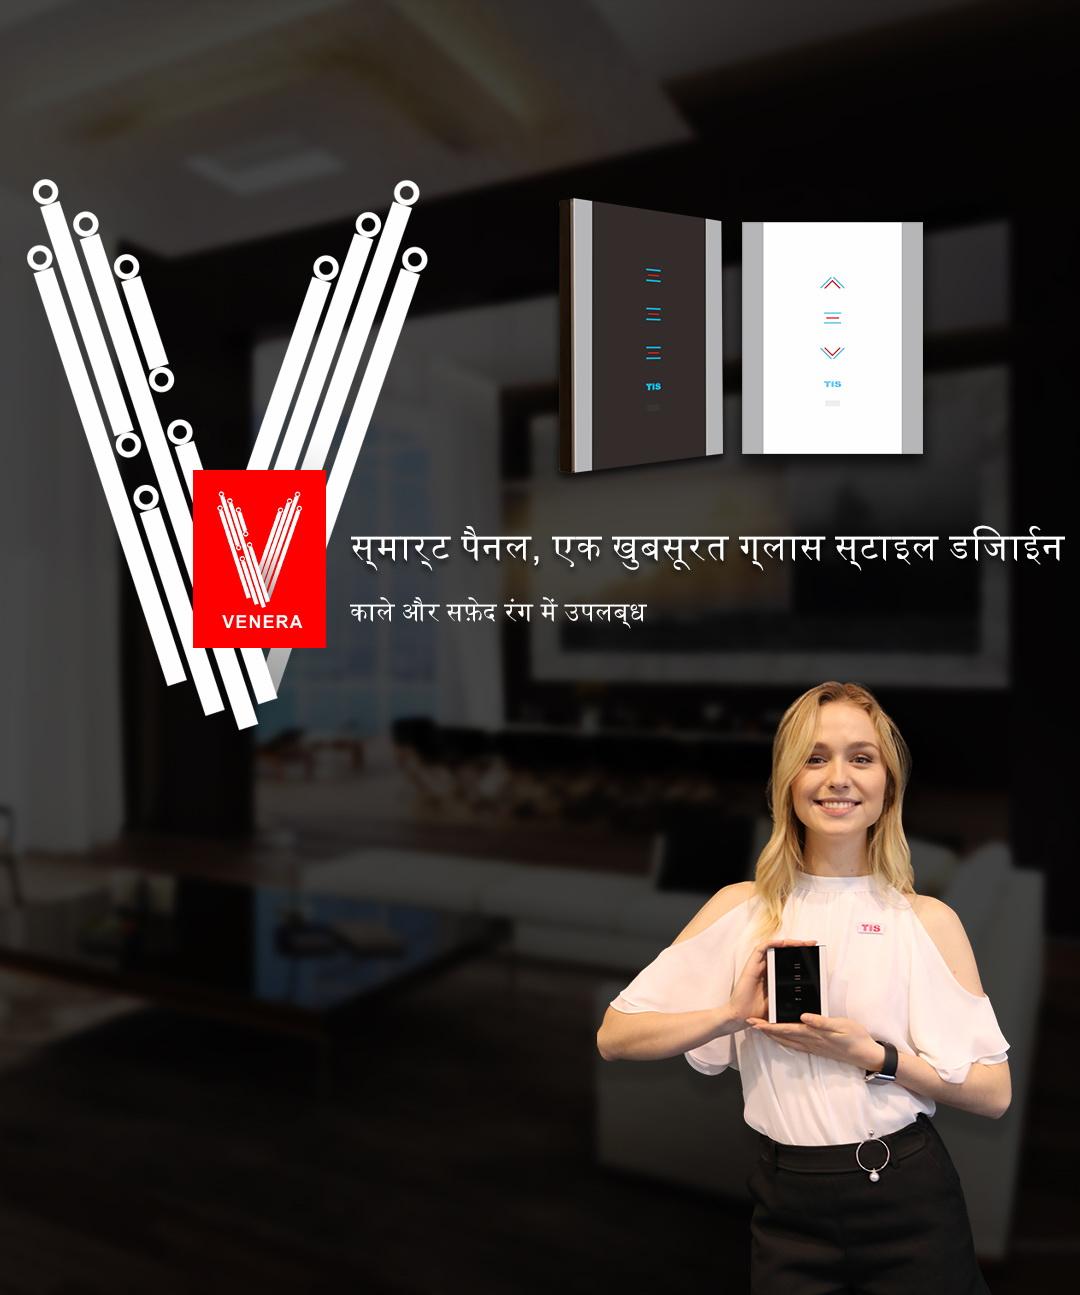 TIS टेक्नोलॉजी– Venera स्मार्ट वाईफाई लाइट्स स्विच